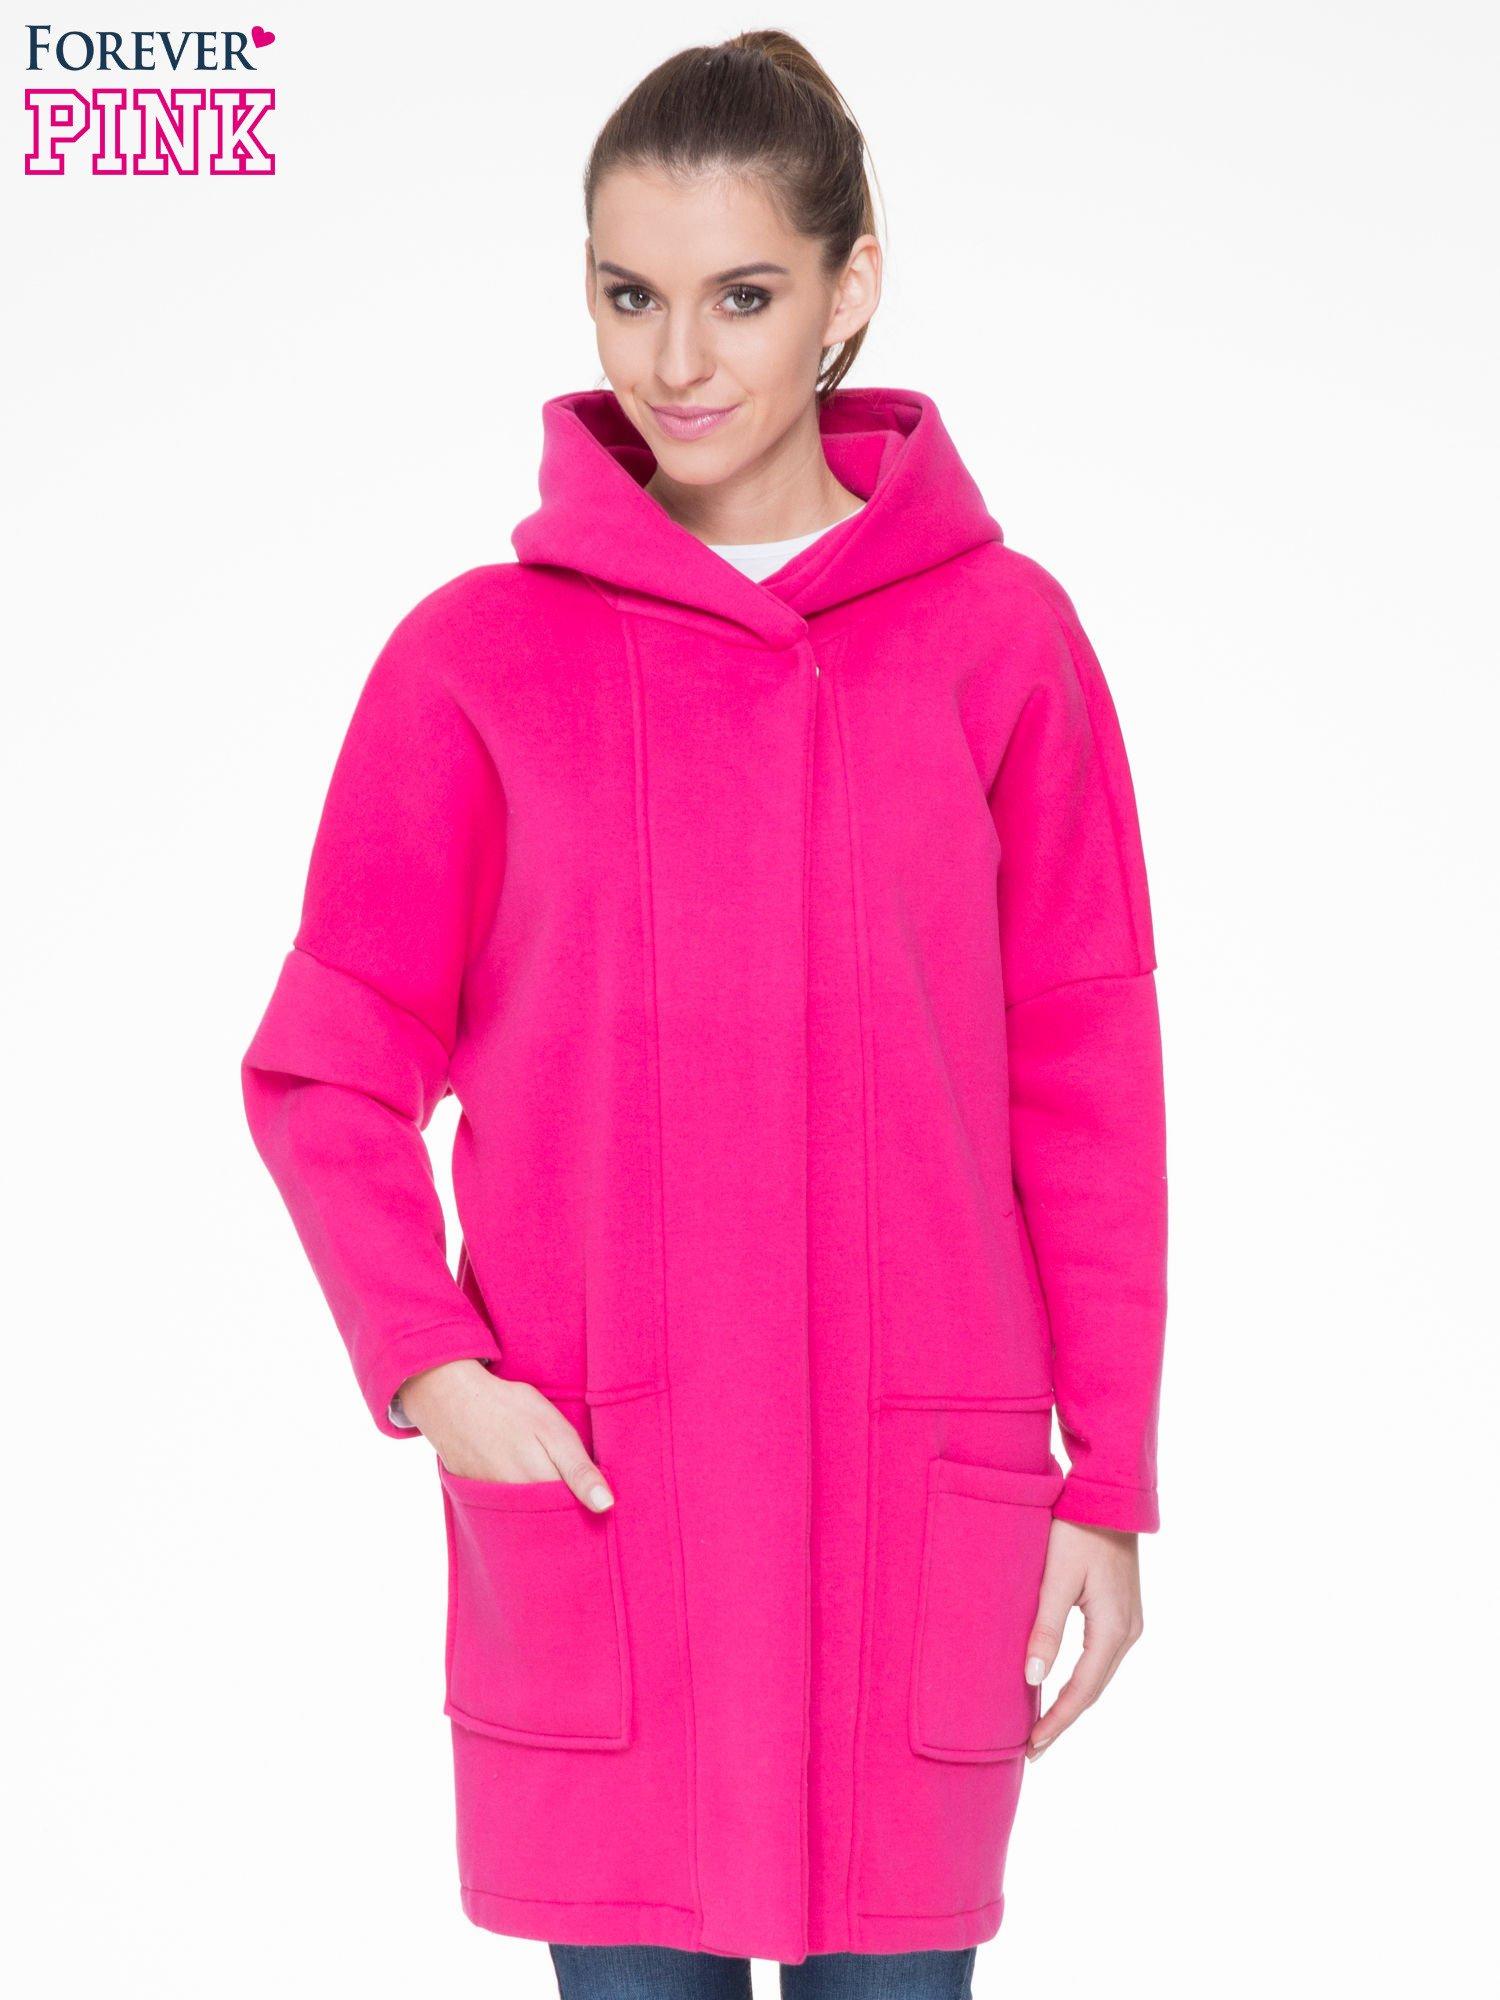 Różowy dresowy płaszcz z kapturem i kieszeniami                                  zdj.                                  1